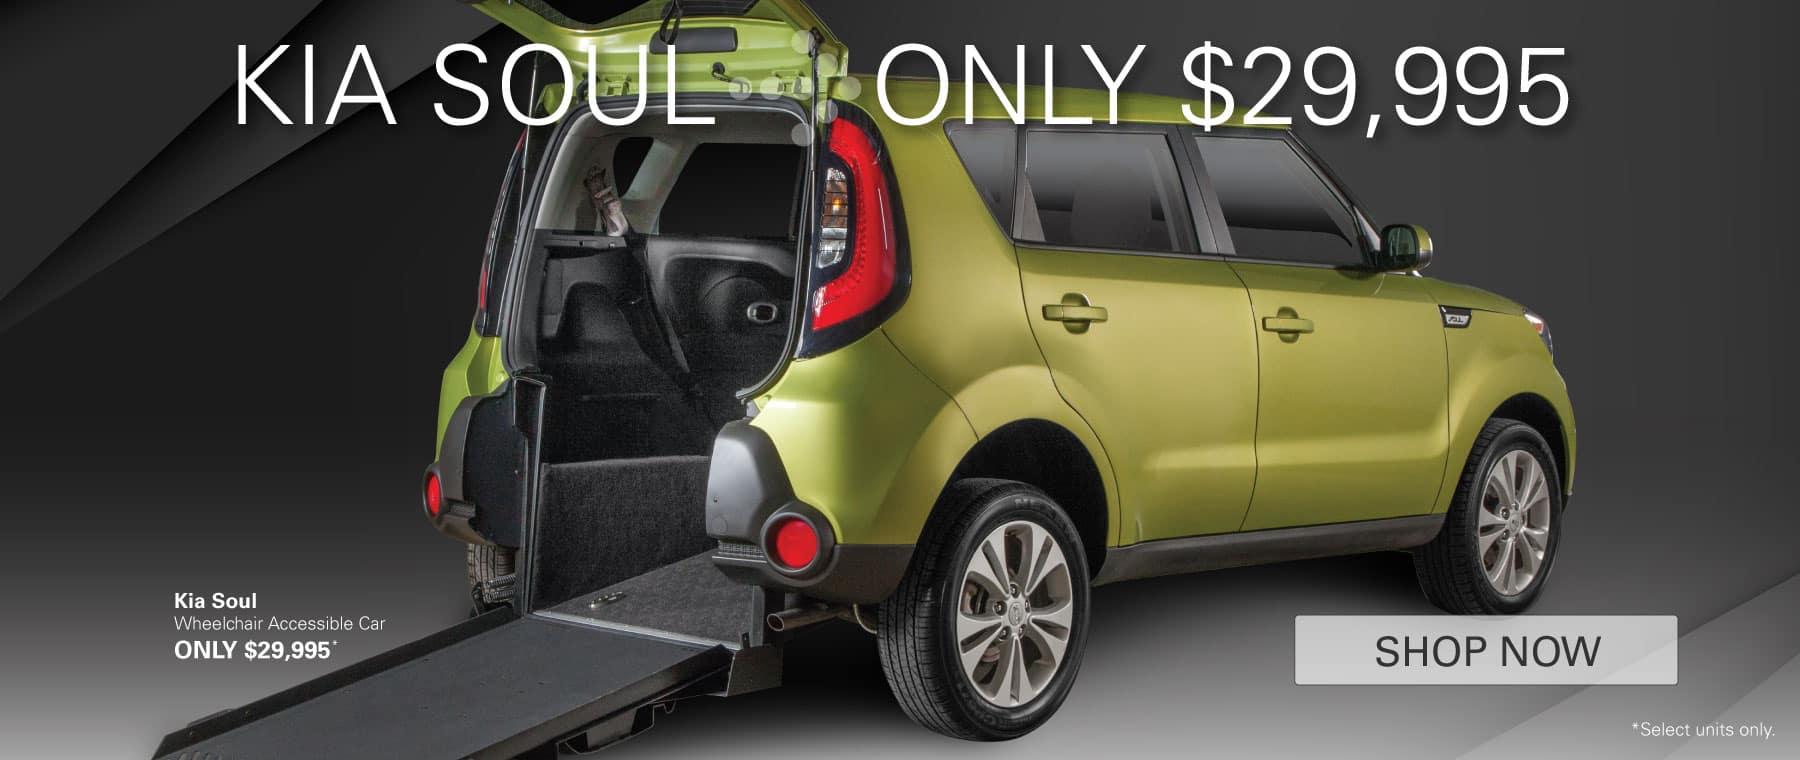 Kia Soul - Only $29,995